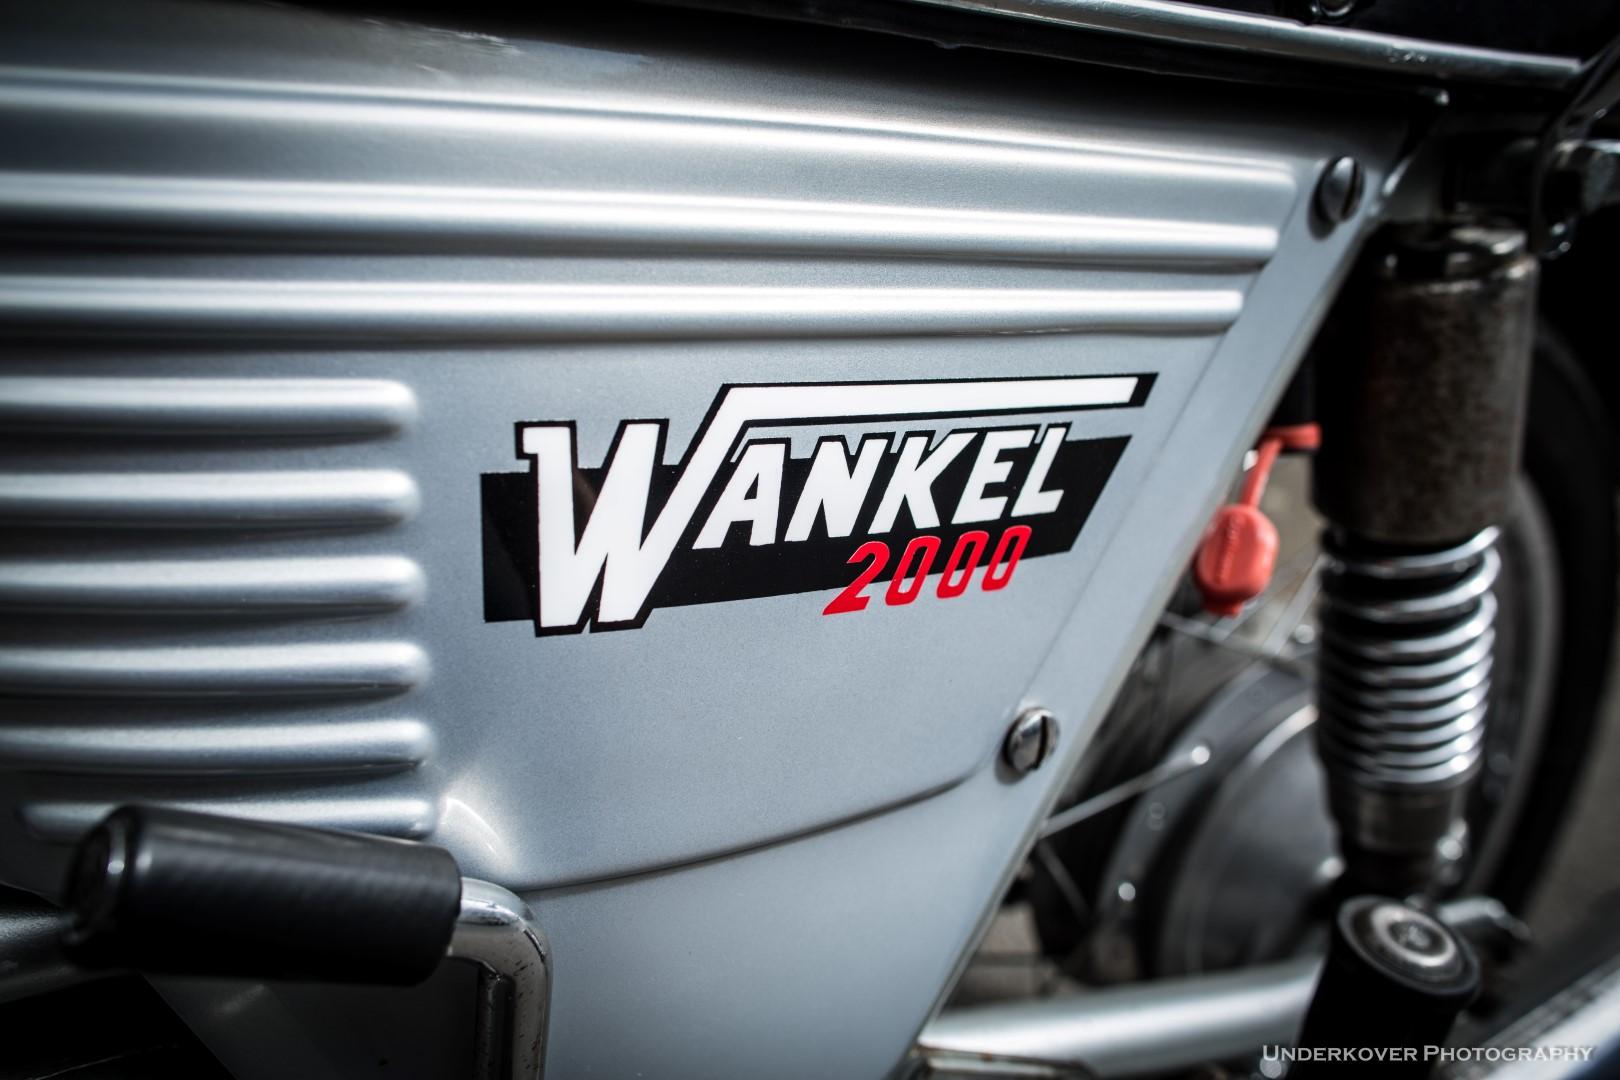 DKW Wankel 2000